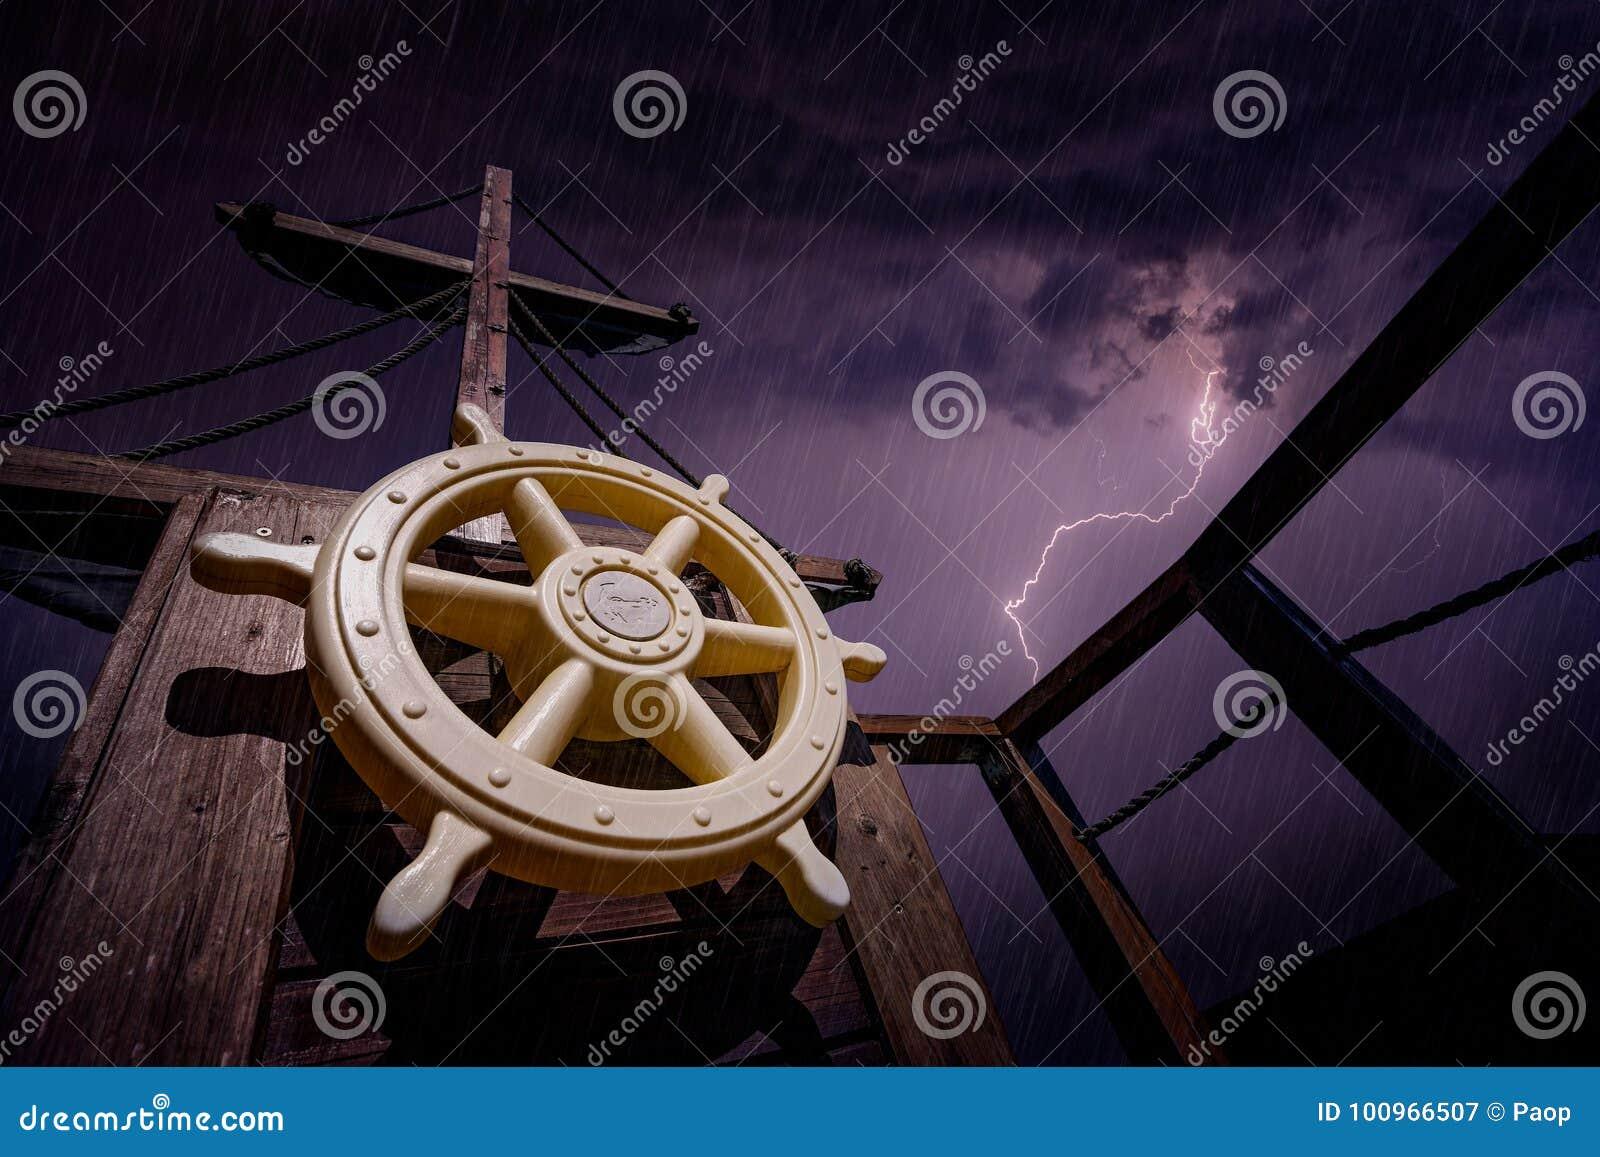 Pirata statek podczas burzy